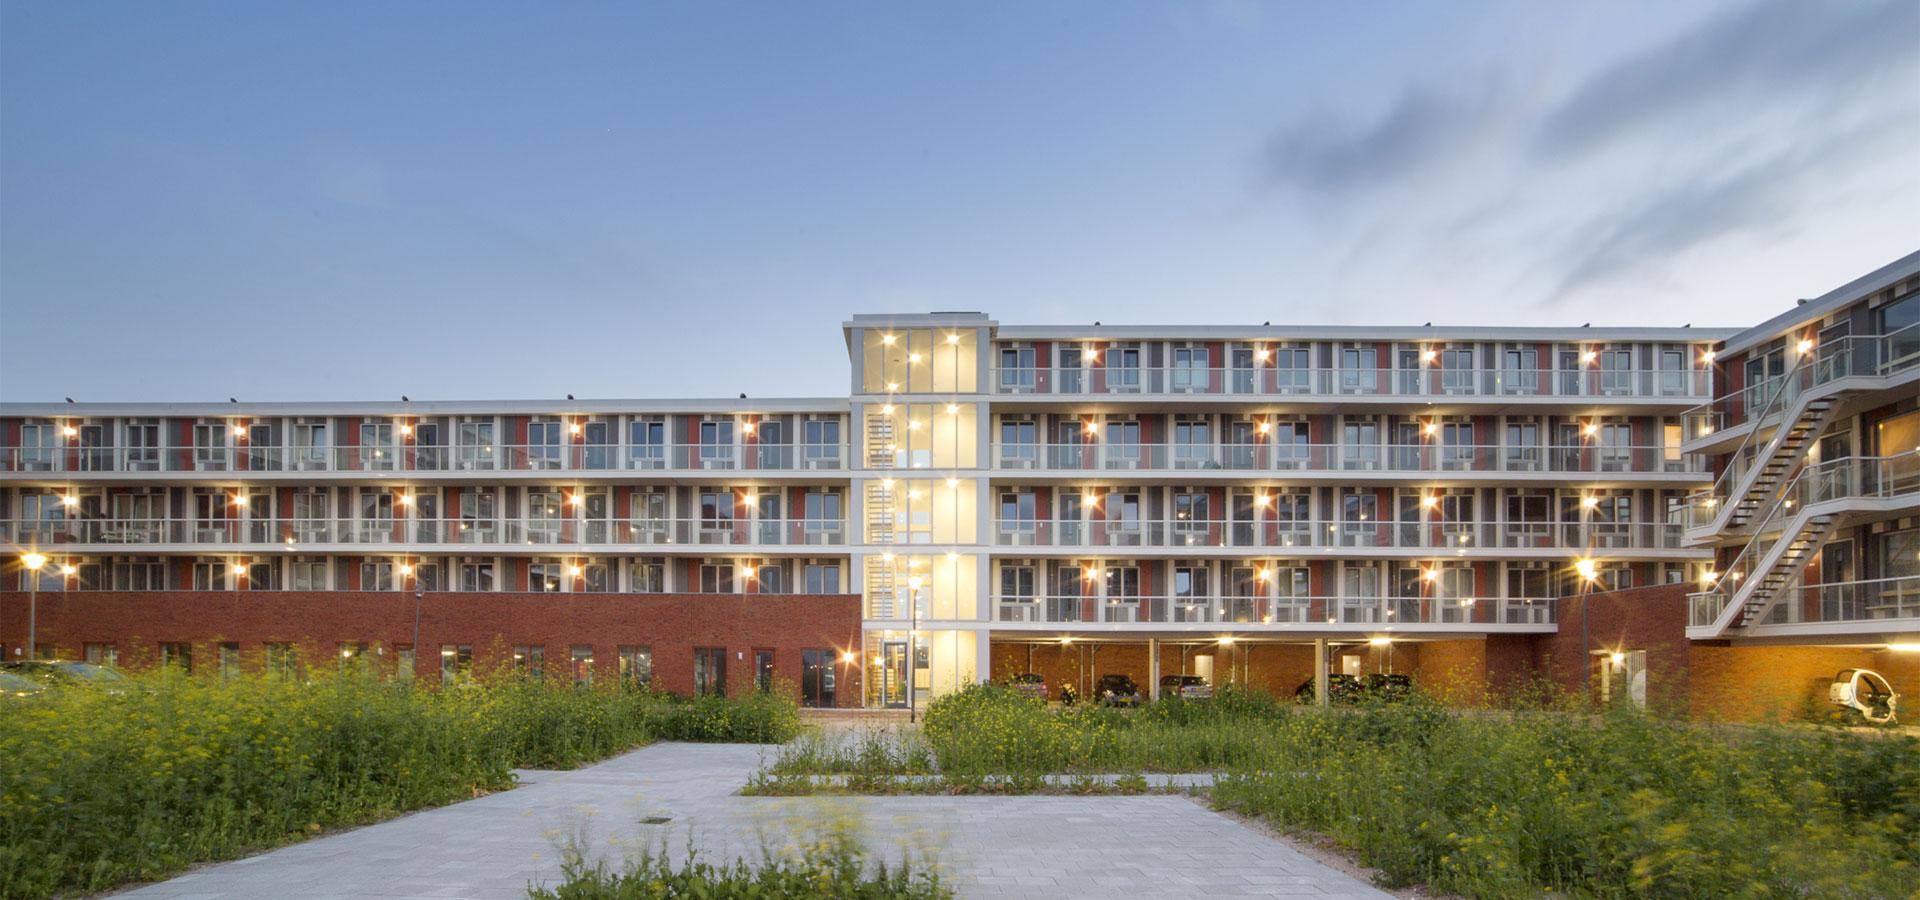 FARO architecten Hooghkamer Voorhout 02